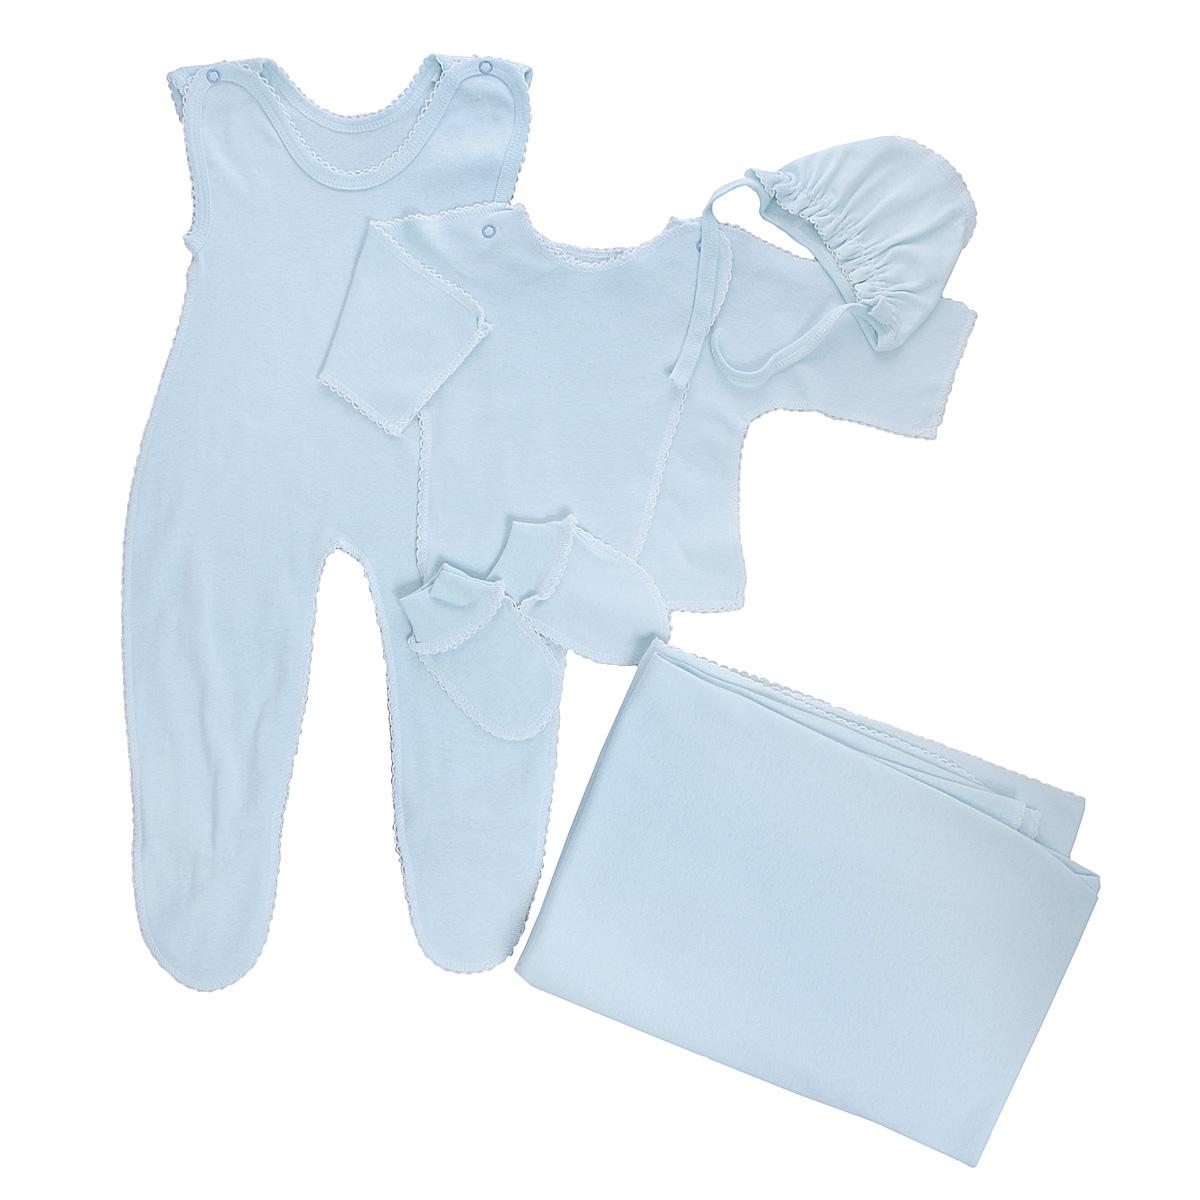 Комплект для новорожденного Трон-Плюс, 5 предметов, цвет: голубой. 7127. Размер 62, 3 месяца7127Комплект для новорожденного Трон-плюс - это замечательный подарок, который прекрасно подойдет для первых дней жизни малыша. Комплект состоит из ползунков с грудкой и закрытыми ножками, распашонки, чепчика, рукавичек и пеленки. Комплект изготовлен из натурального хлопка, благодаря чему он необычайно мягкий и приятный на ощупь, не сковывает движения младенца и позволяет коже дышать, не раздражает даже самую нежную и чувствительную кожу ребенка, обеспечивая ему наибольший комфорт. Распашонка с запахом, застегивается при помощи двух кнопок на плечах, которые позволяют без труда переодеть ребенка. Швы выполнены наружу и обработаны ажурными петельками. Ползунки с закрытыми ножками, застегивающиеся сверху на две кнопочки, идеально подойдут вашему ребенку, обеспечивая ему наибольший комфорт. Подходят для ношения с подгузником и без него. Мягкий чепчик с завязочками защищает еще не заросший родничок, щадит чувствительный слух малыша, прикрывая ушки, и предохраняет от теплопотерь. Дополнен чепчик мягкой эластичной сборкой. Рукавички обеспечат вашему малышу комфорт во время сна и бодрствования, предохраняя нежную кожу новорожденного от расцарапывания. Они дополнены широкой эластичной резинкой. Пеленка станет незаменимым помощником в деле ухода за ребенком. Элементы набора выполнены швами наружу и оформлены ажурными петельками. В таком комплекте ваш малыш будет чувствовать себя комфортно, уютно и всегда будет в центре внимания!